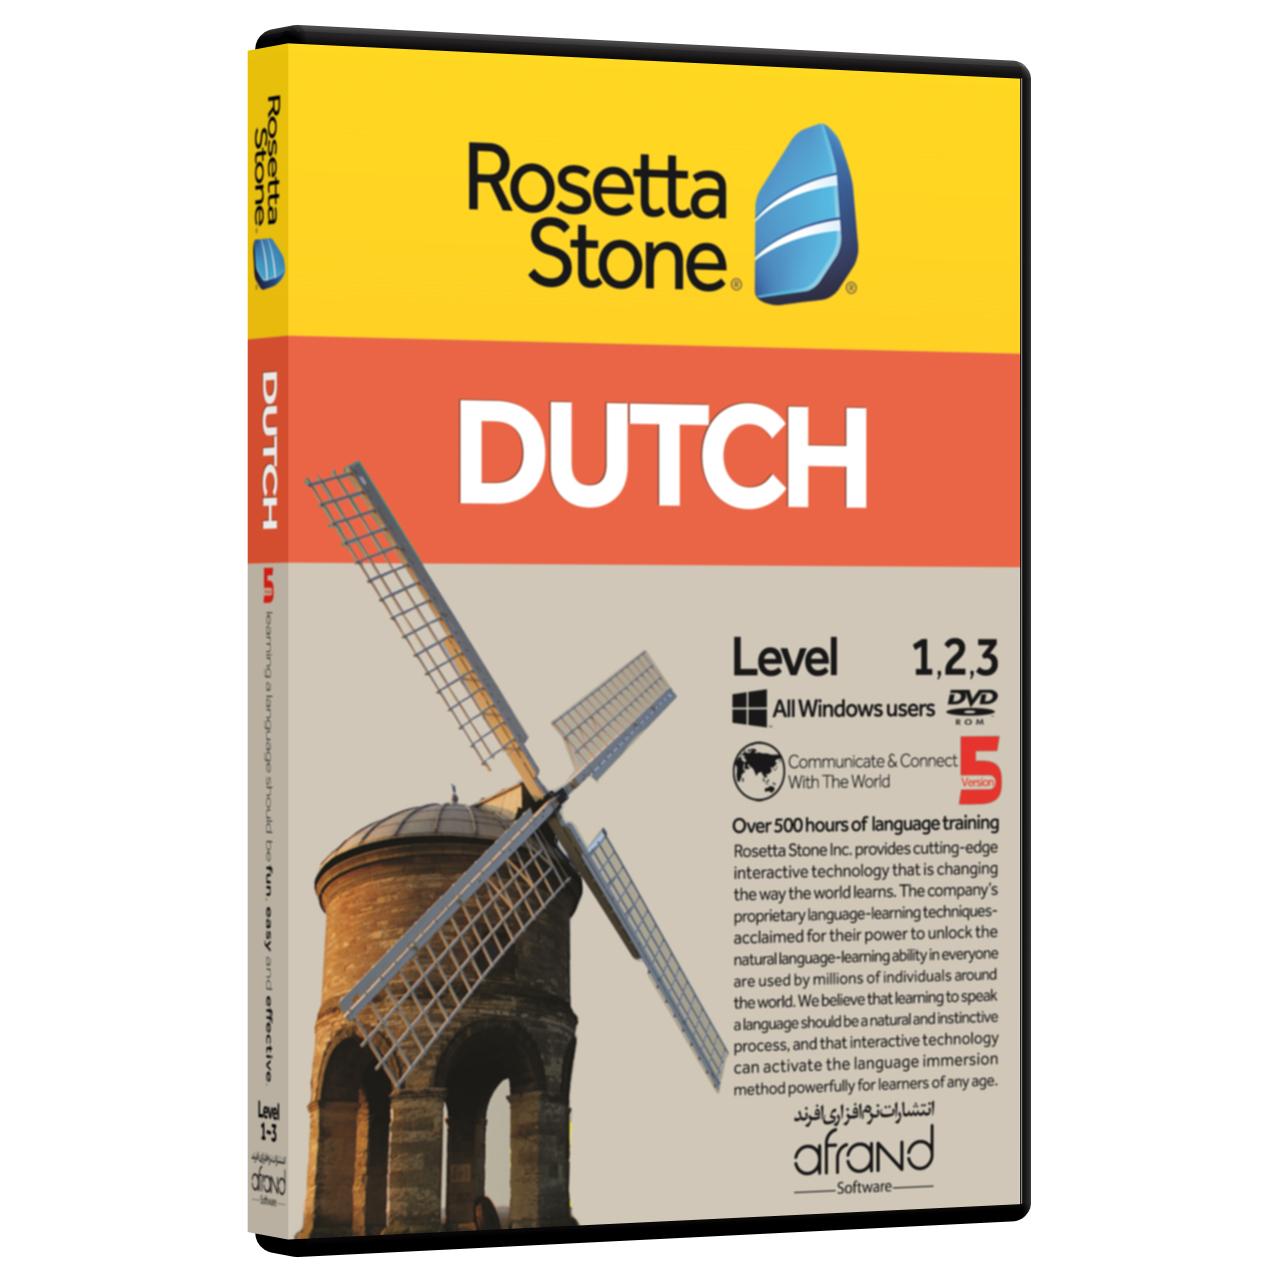 نرم افزار آموزش زبان هلندی رزتااستون نسخه 5 انتشارات نرم افزاری افرند